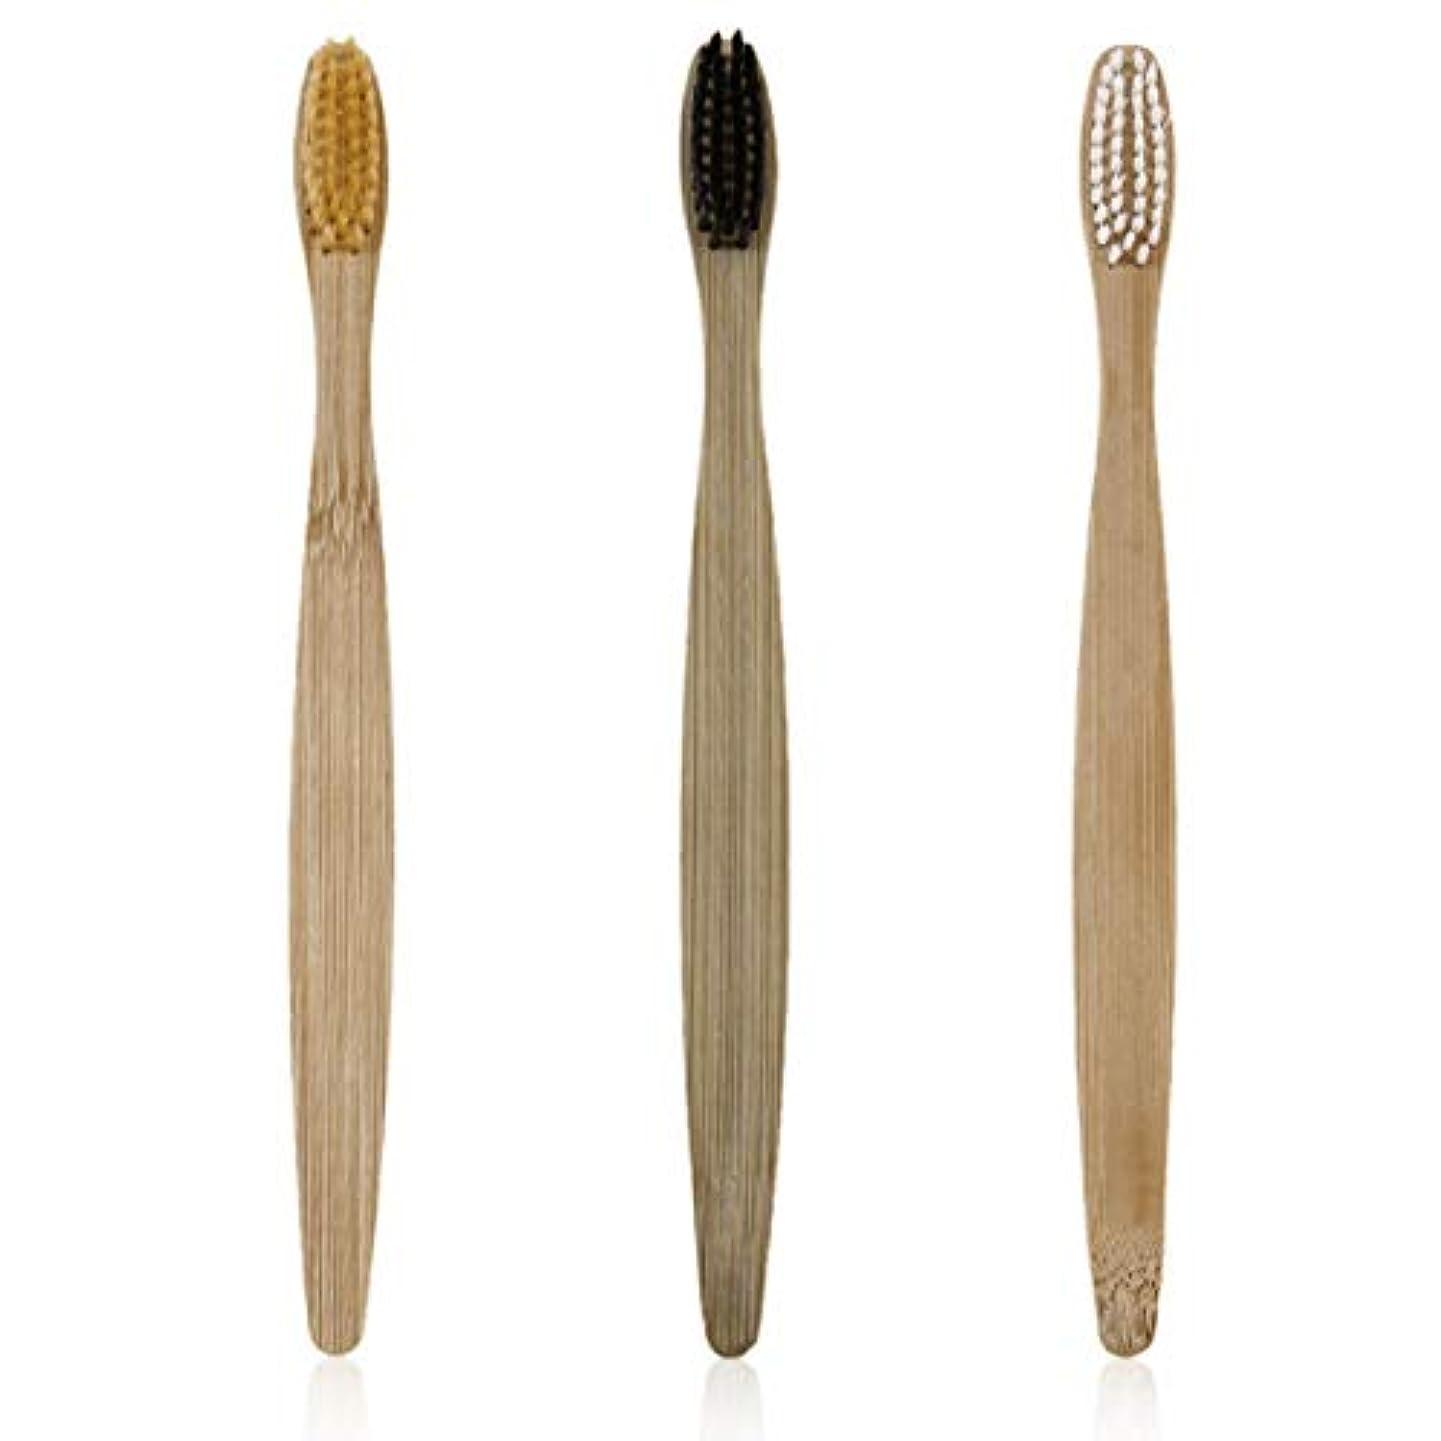 アーティストそれスナック3本/セット環境に優しい木製の歯ブラシ竹の歯ブラシ柔らかい竹繊維の木製のハンドル低炭素環境に優しい - ブラック/ホワイト/イエロー